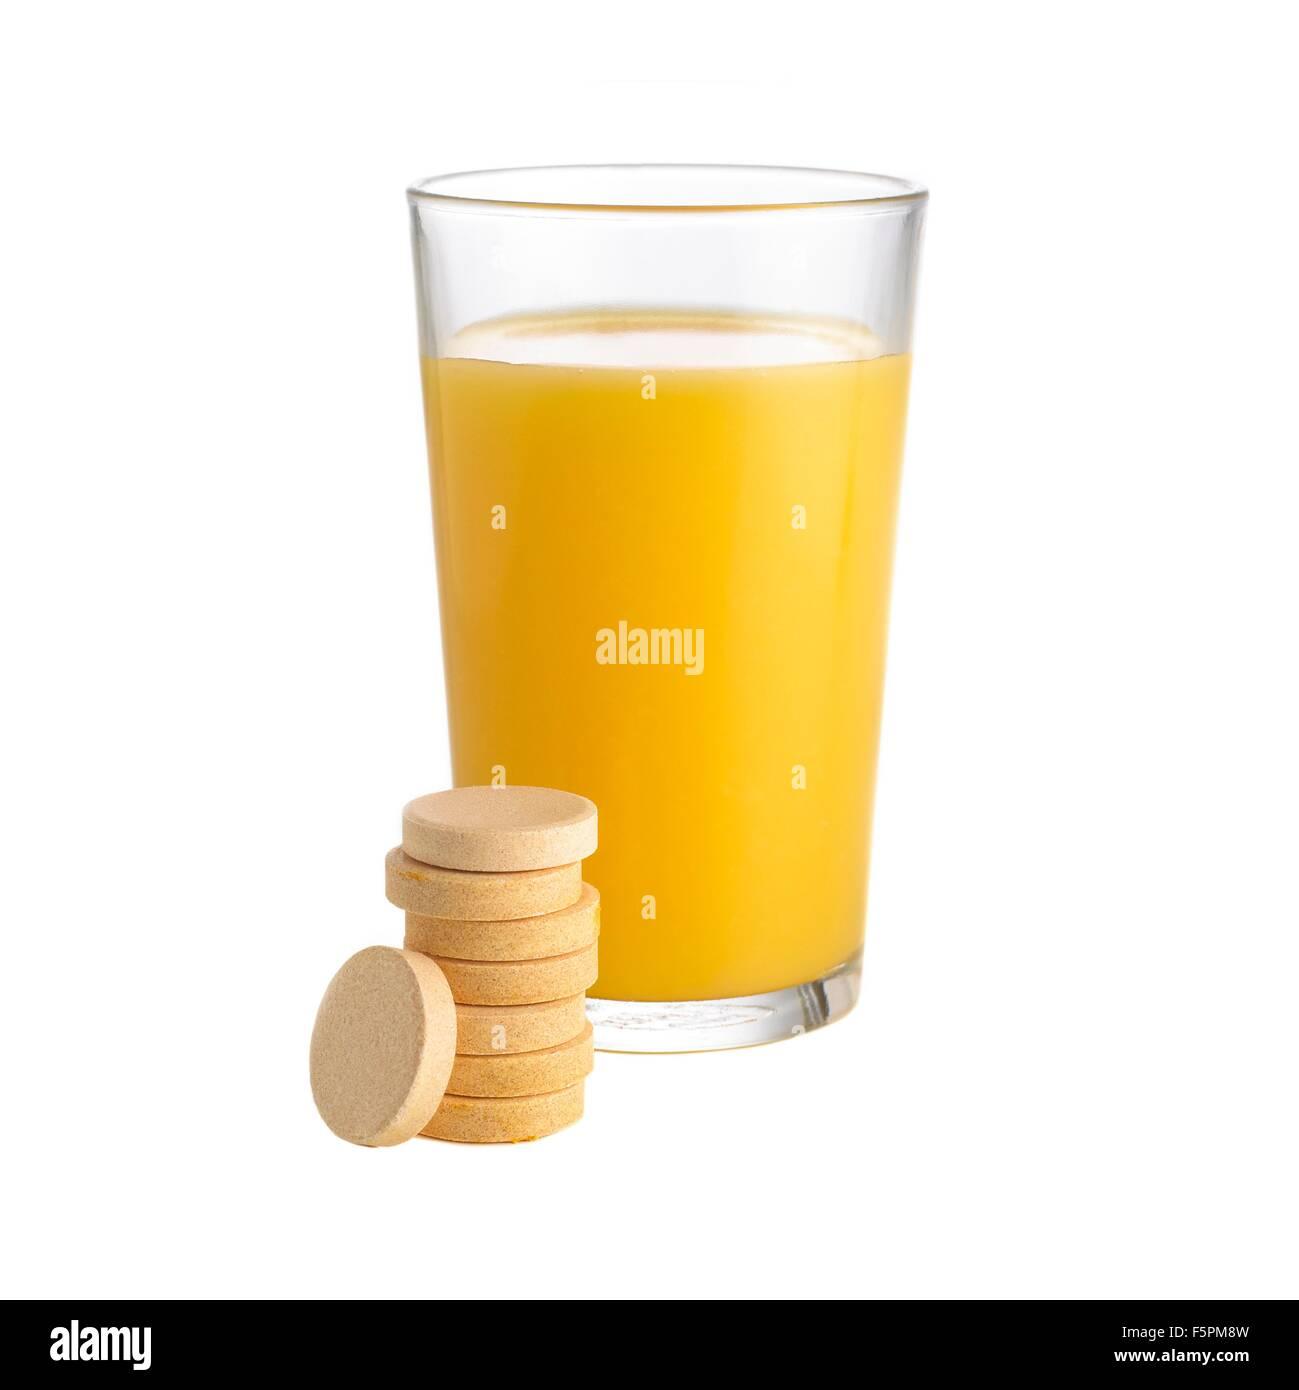 El jugo de naranja y tabletas de vitamina c contra un fondo blanco. Imagen De Stock